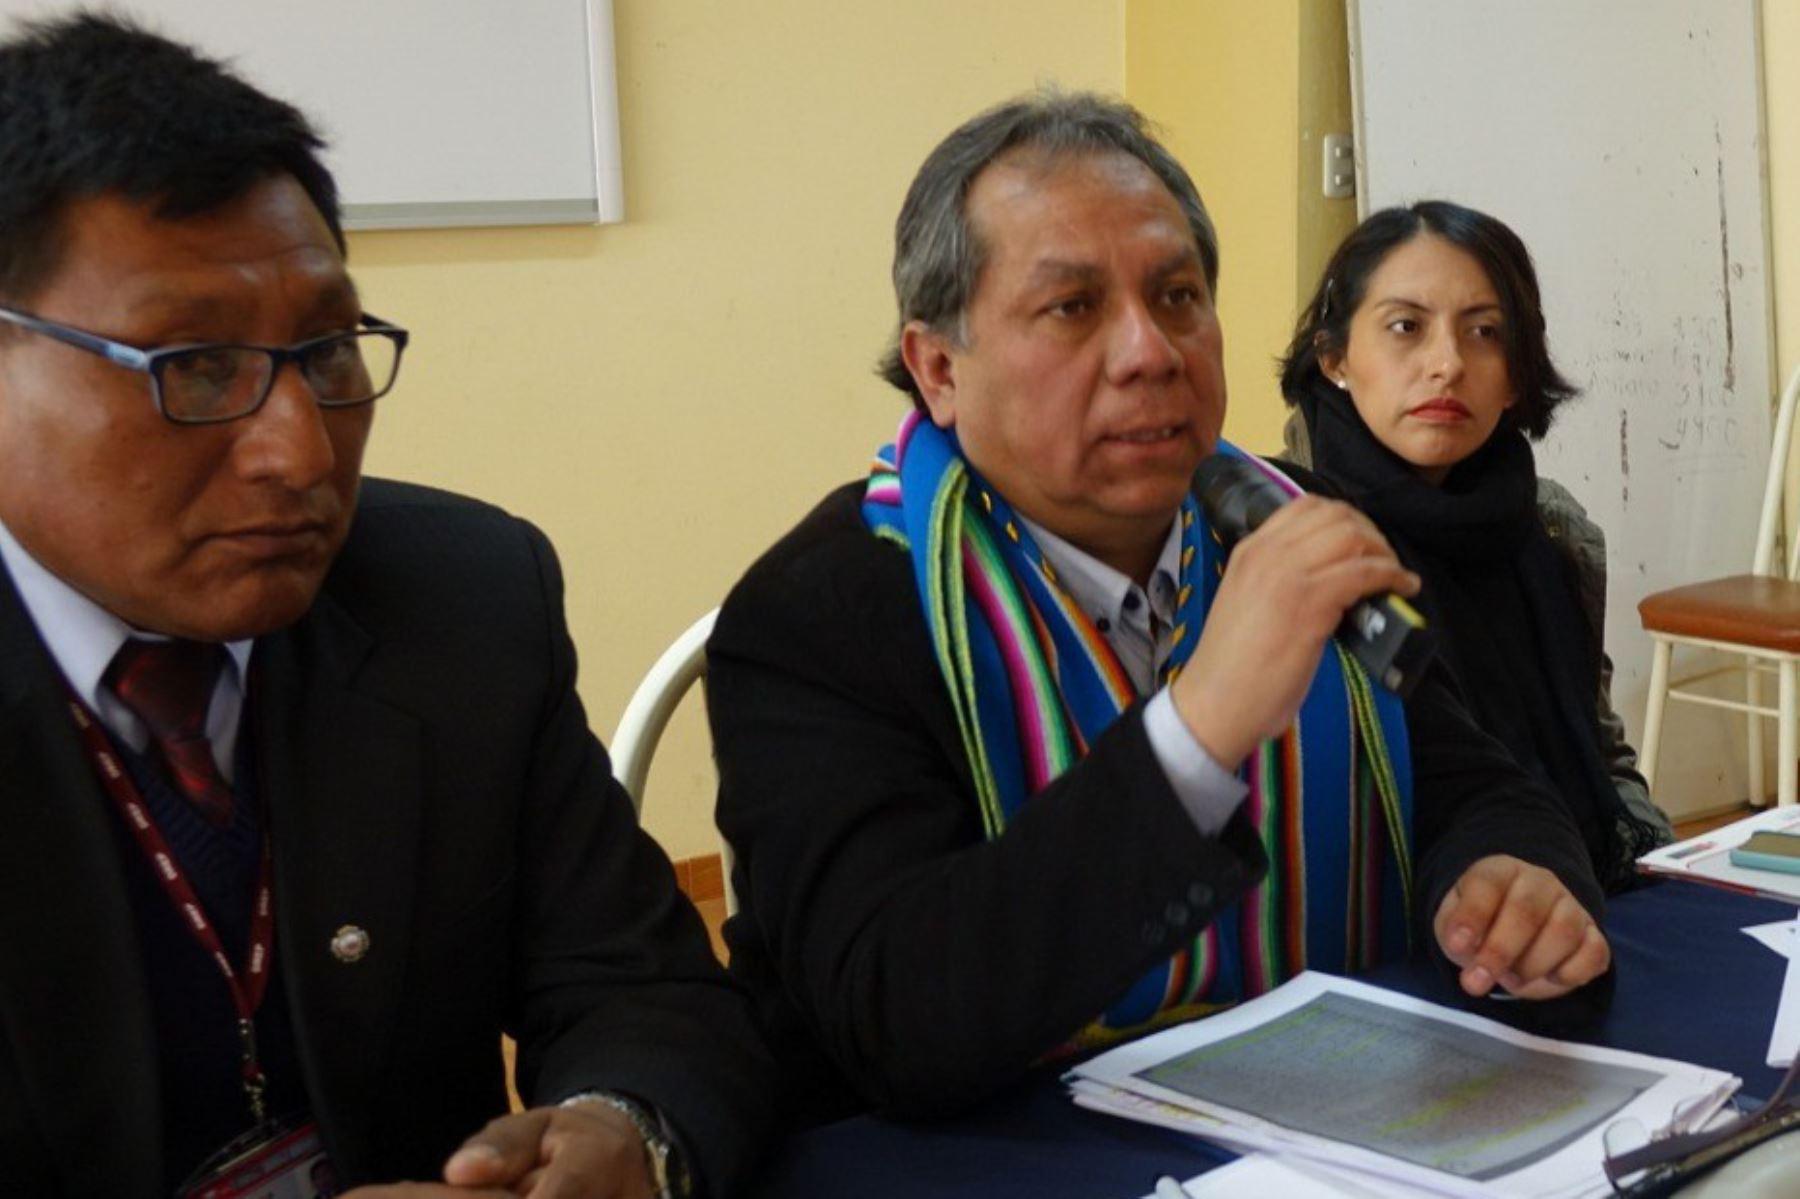 El viceministro de Gestión Institucional del Minedu, Guido Rospigliosi, aseguró que el Minedu brinda atención especial a nueva infraestructura de colegio en Puno.